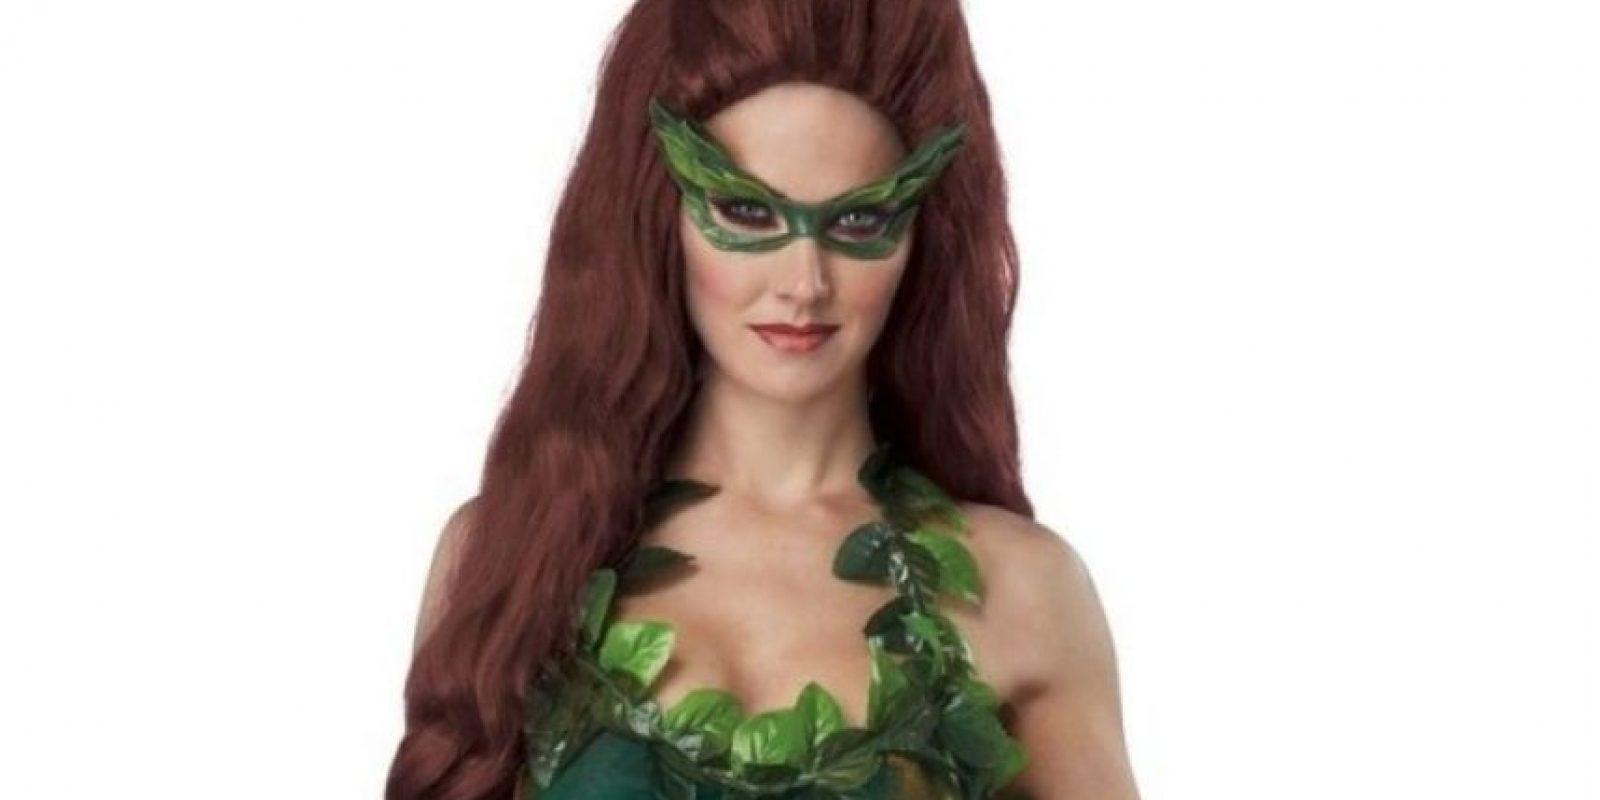 En su outfit incluyó una peluca roja y un vestido con aplicaciones que simulaban plantas. Foto:Amazon